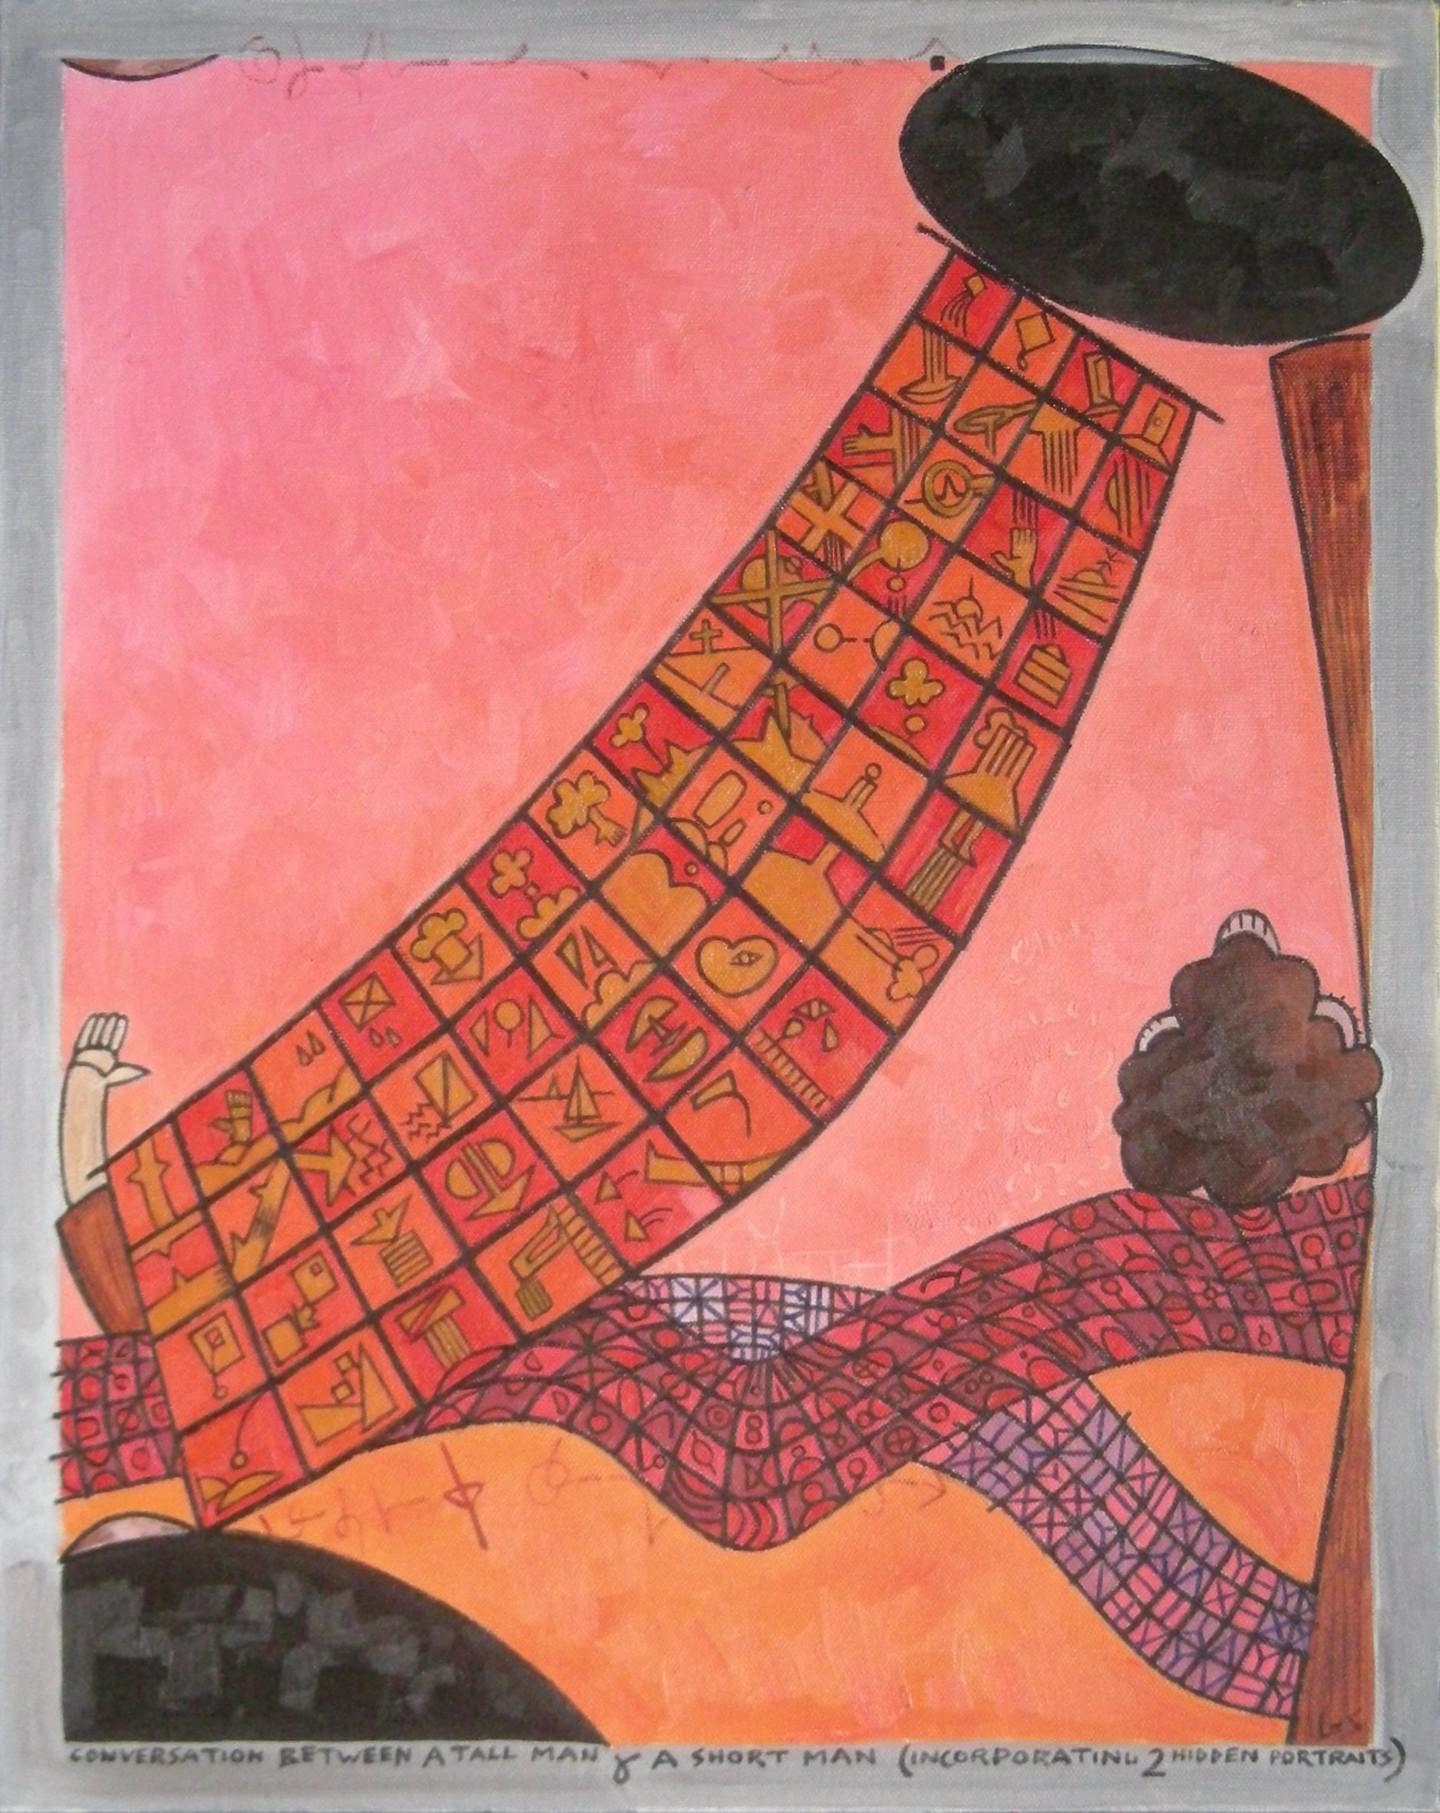 Gerald Shepherd - Conversation Between A Tall Man And A Short Man